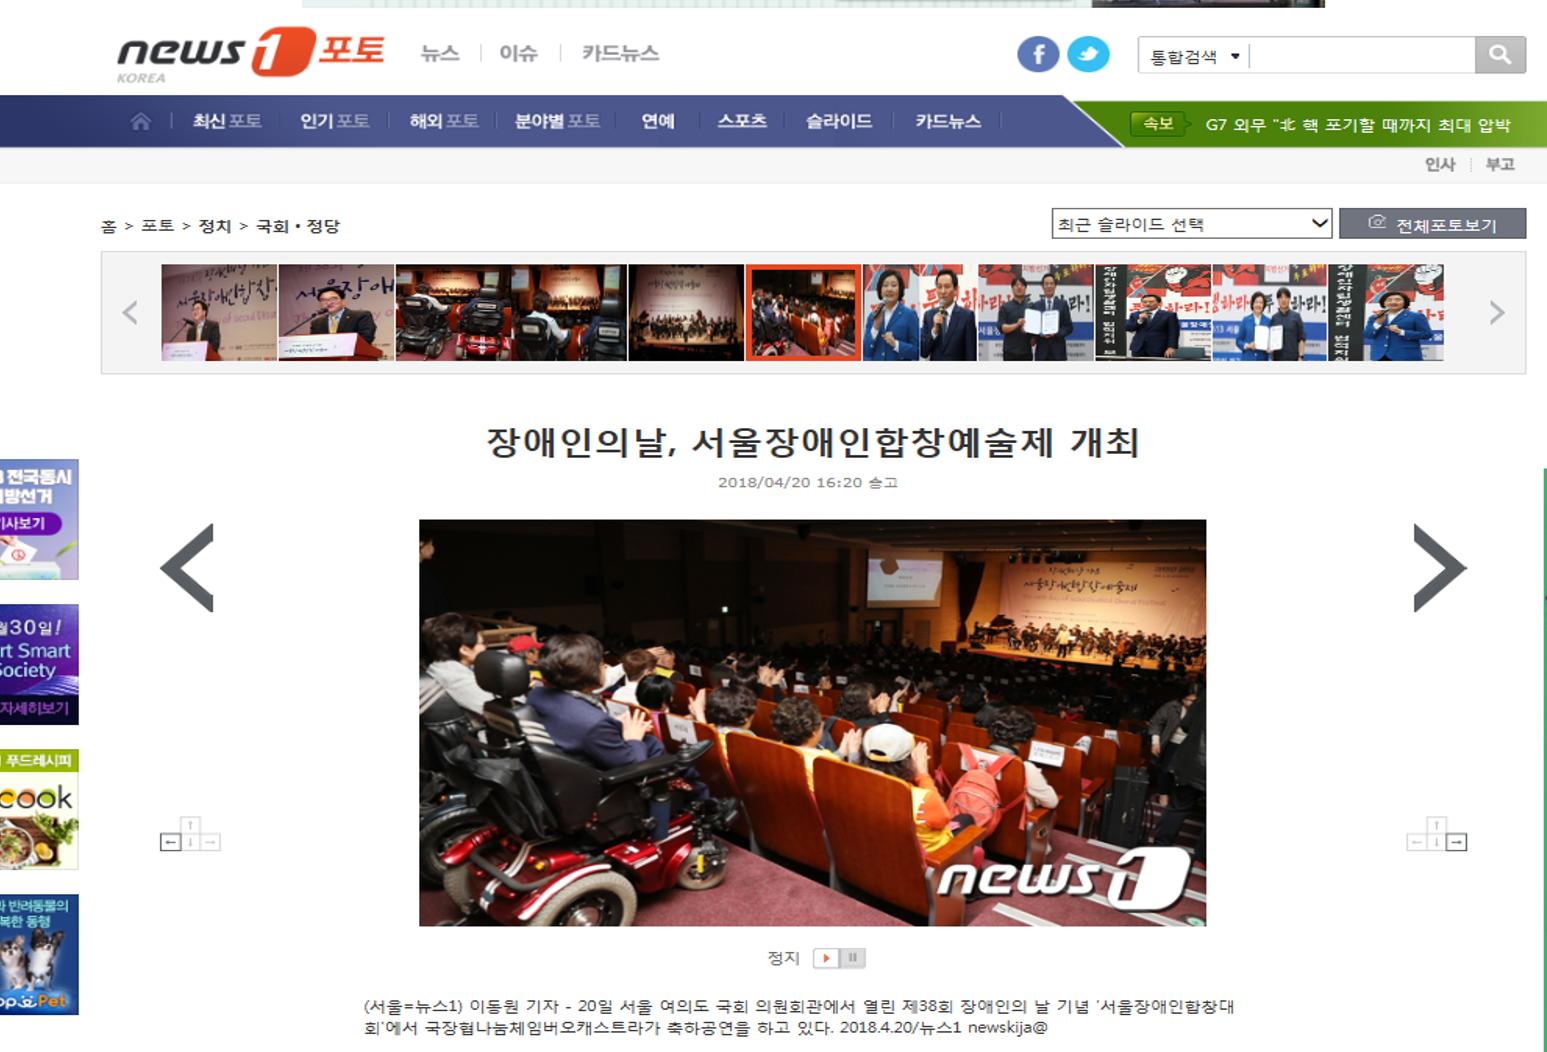 뉴스1포토- 장애인의날, 서울장애인합창예술제 개최.png